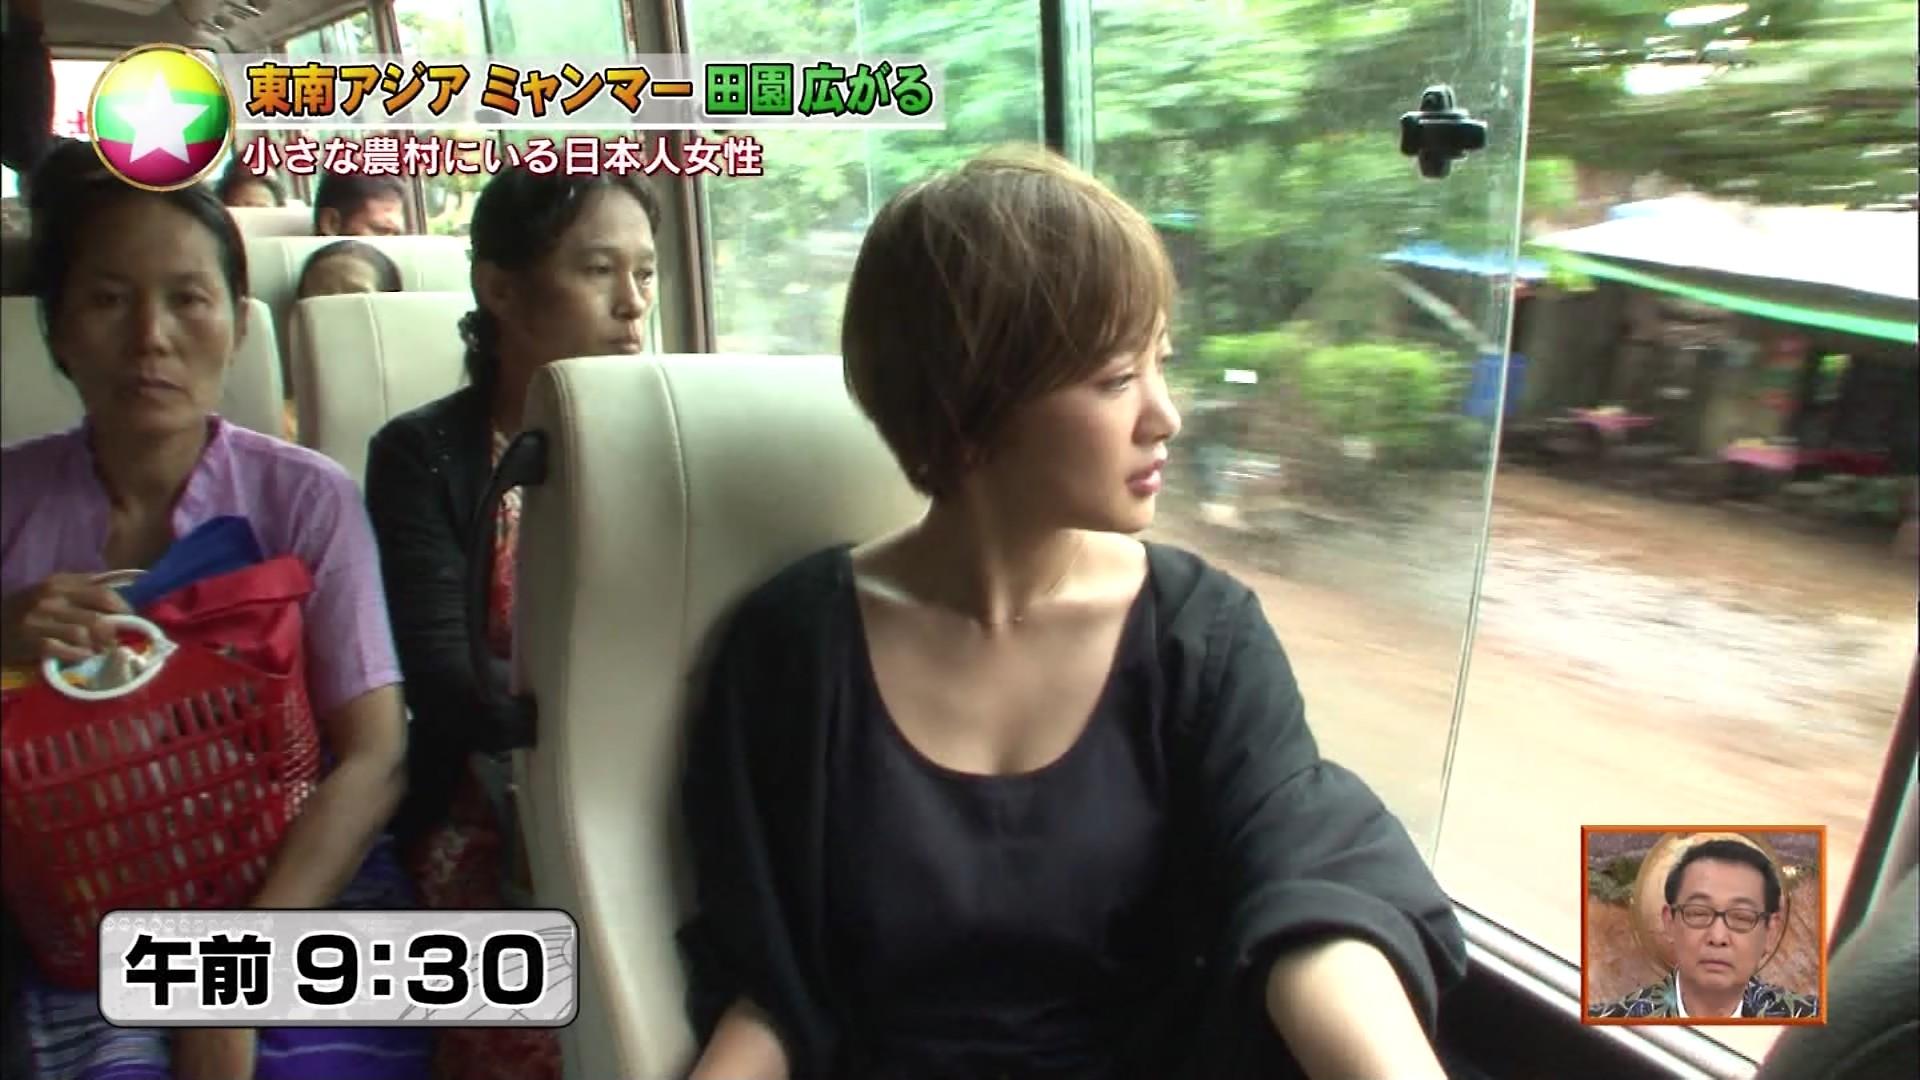 夏菜_着衣巨乳_ノースリーブ_テレビキャプ画像_05